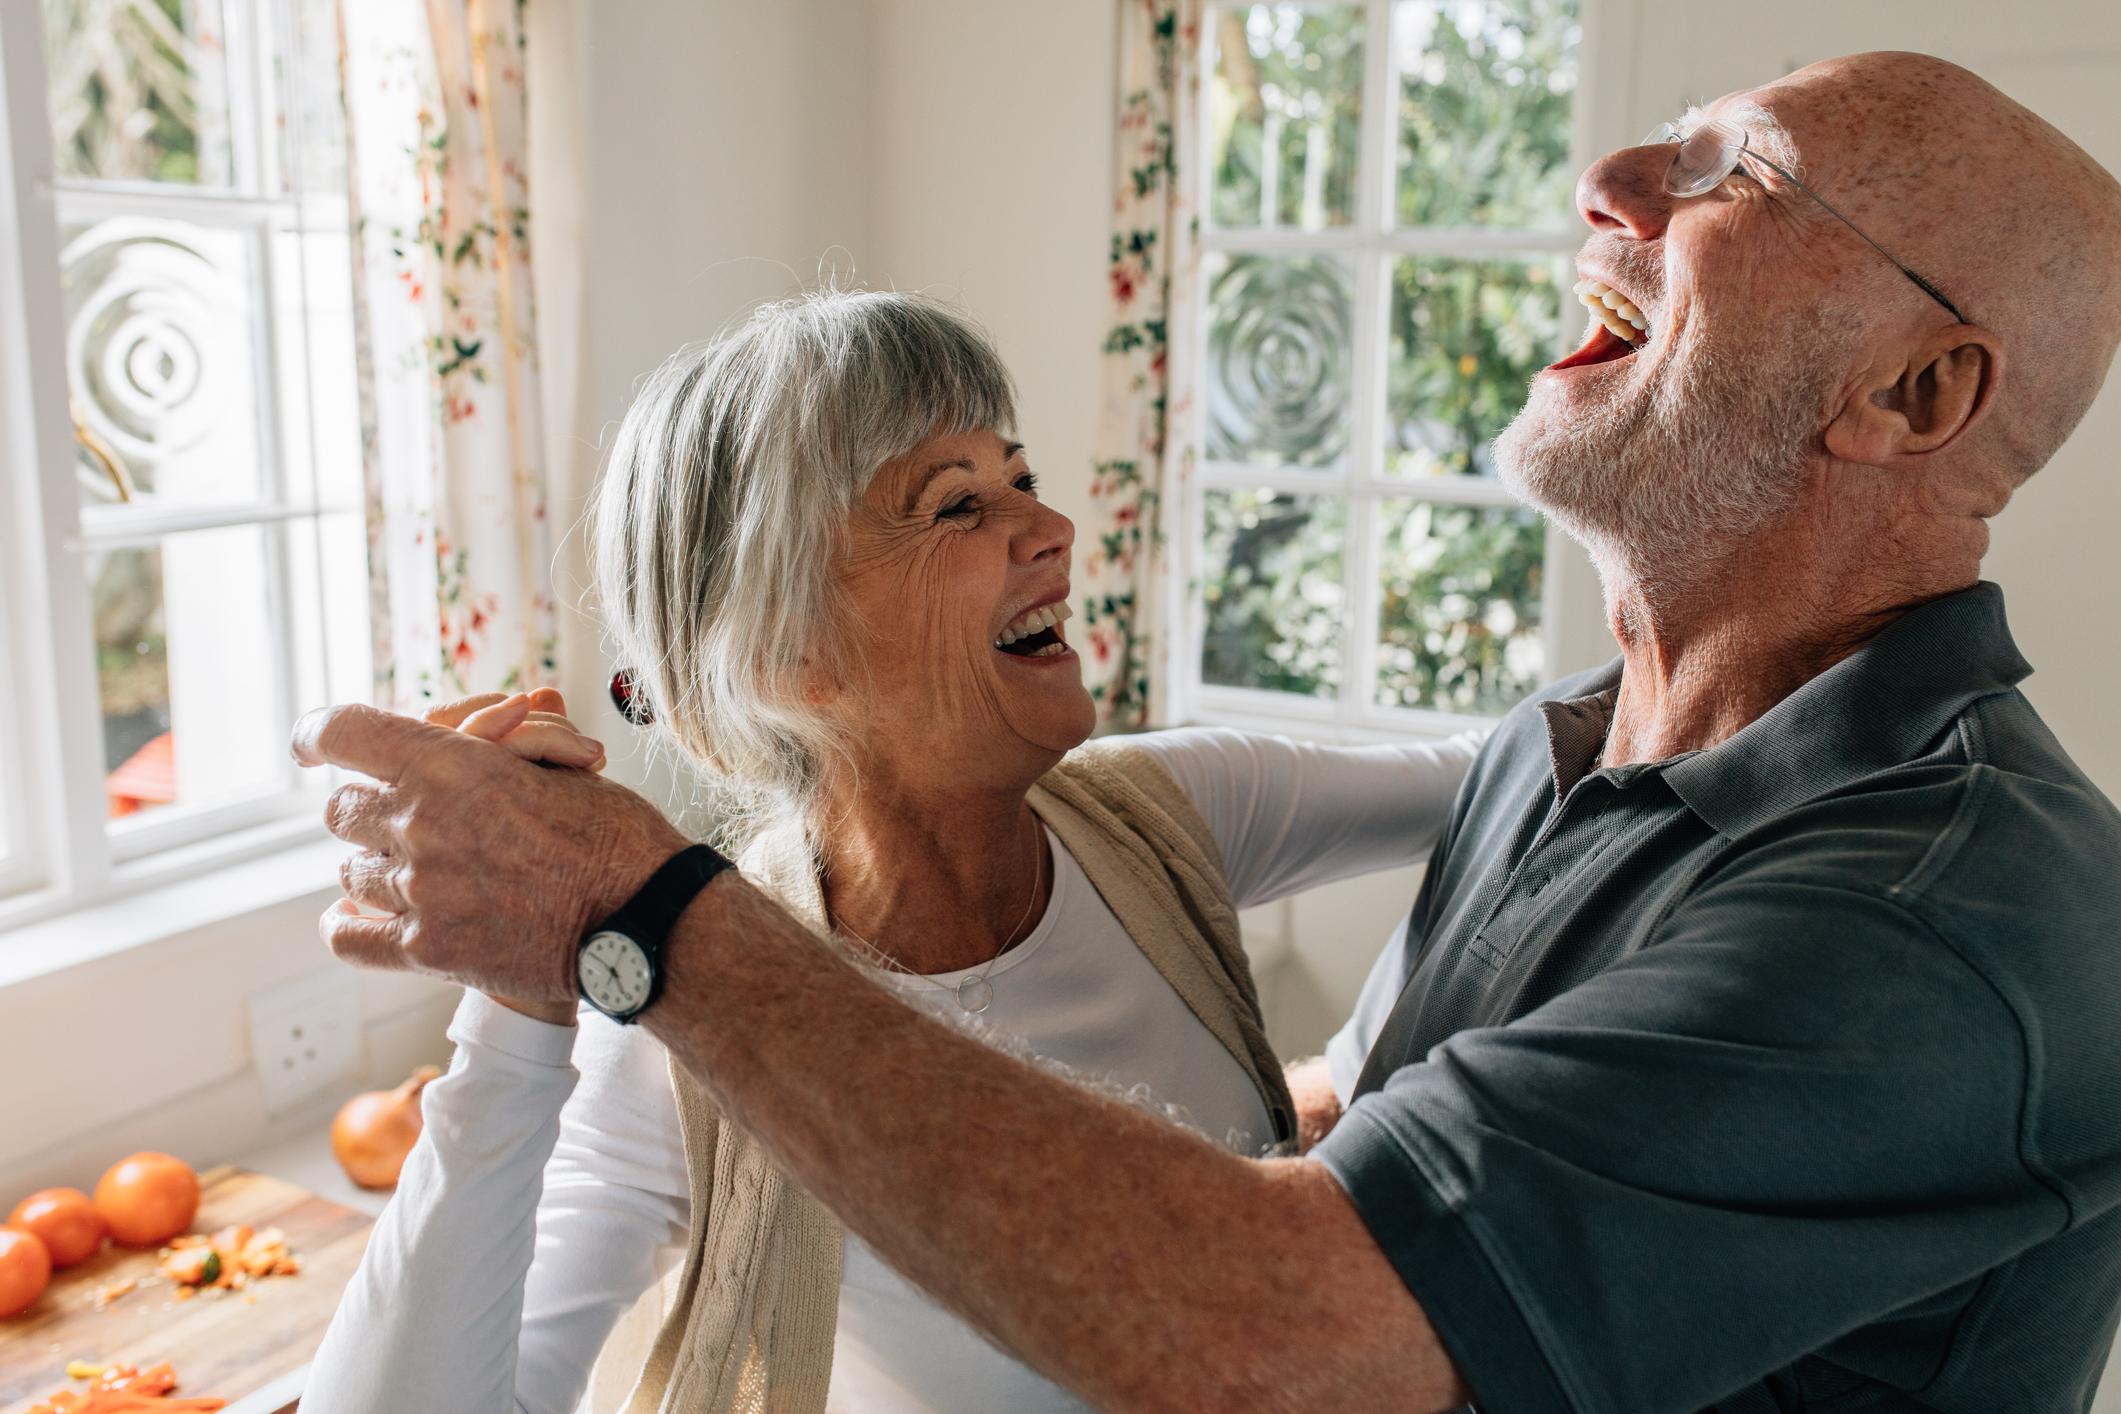 U rujnu se obilježavaju Svjetski dan i mjesec Alzheimerove bolesti.